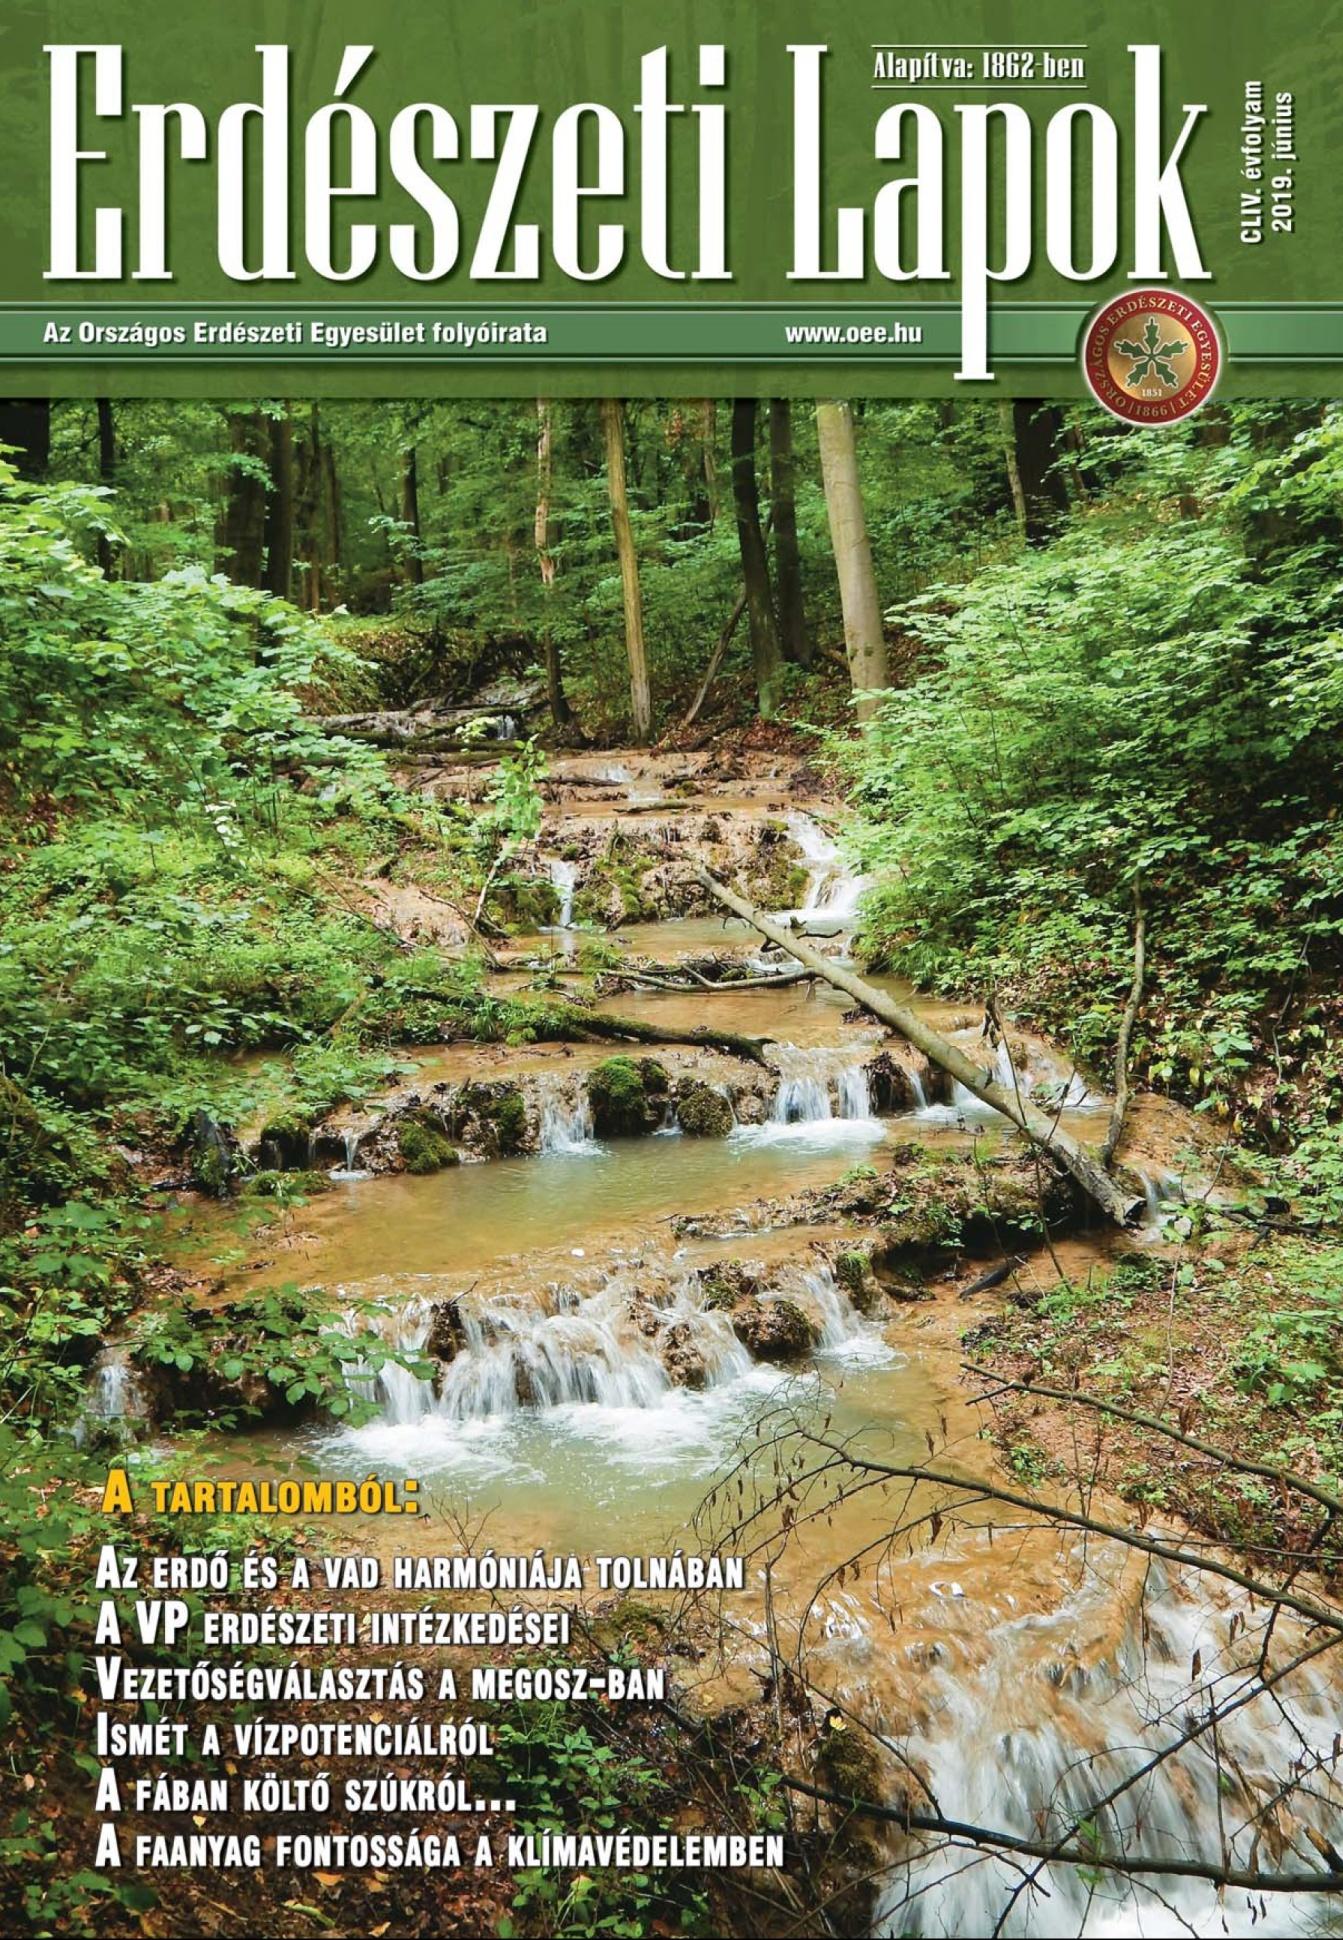 Erdészeti Lapok - 154. évfolyam - 2019. június